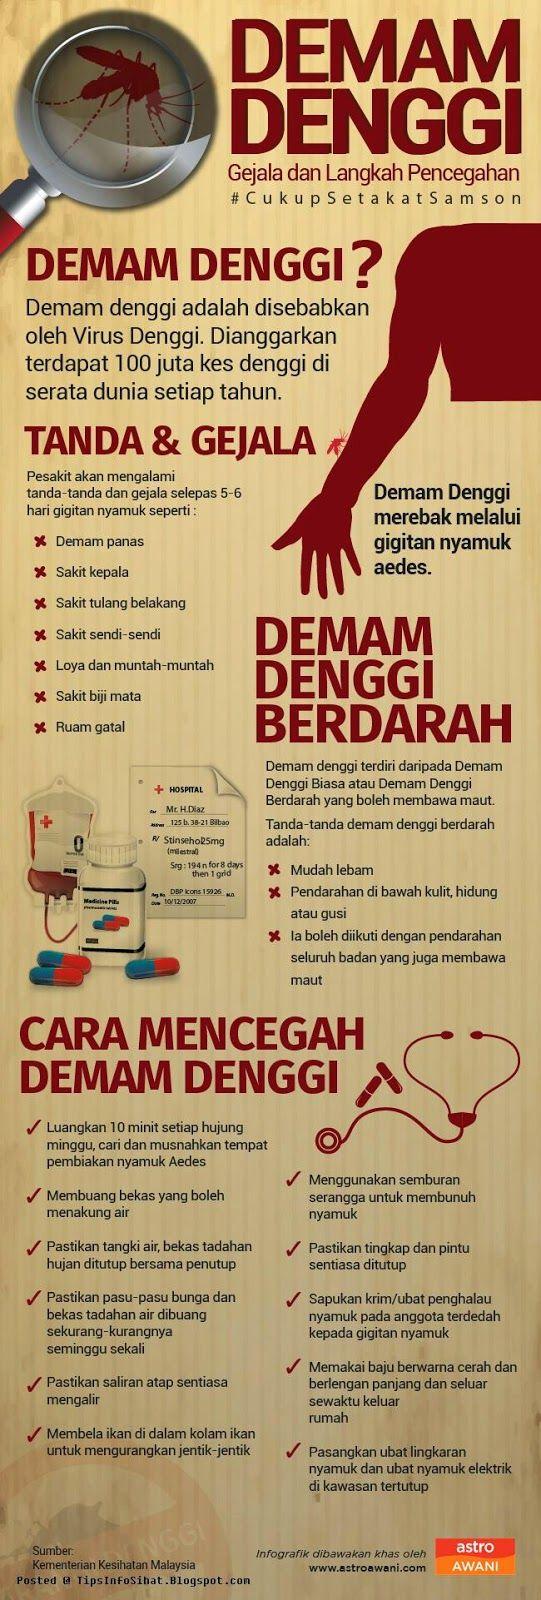 Gambar Poster Tentang Pencegahan Covid 19 Yang Mudah